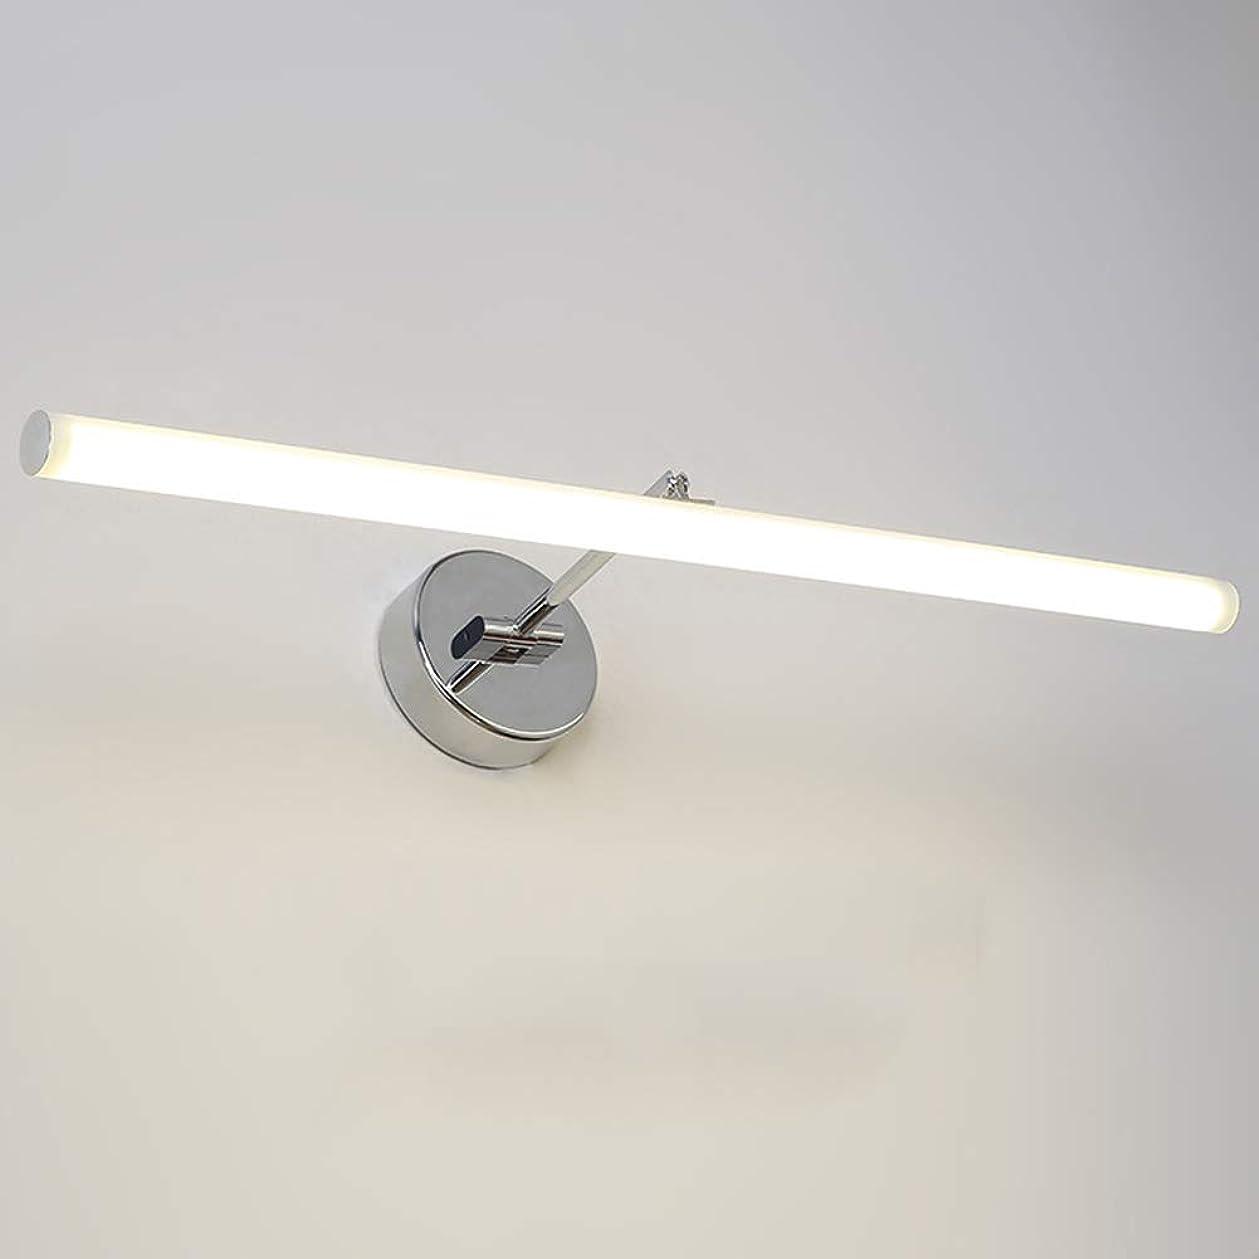 マーケティング打撃値する導かれた虚栄心の照明ヨーロッパ式の簡単な反霧の防水ミルクの白い管の調節可能なミラーのキャビネットライト浴室ミラーのヘッドライト-51CM warm